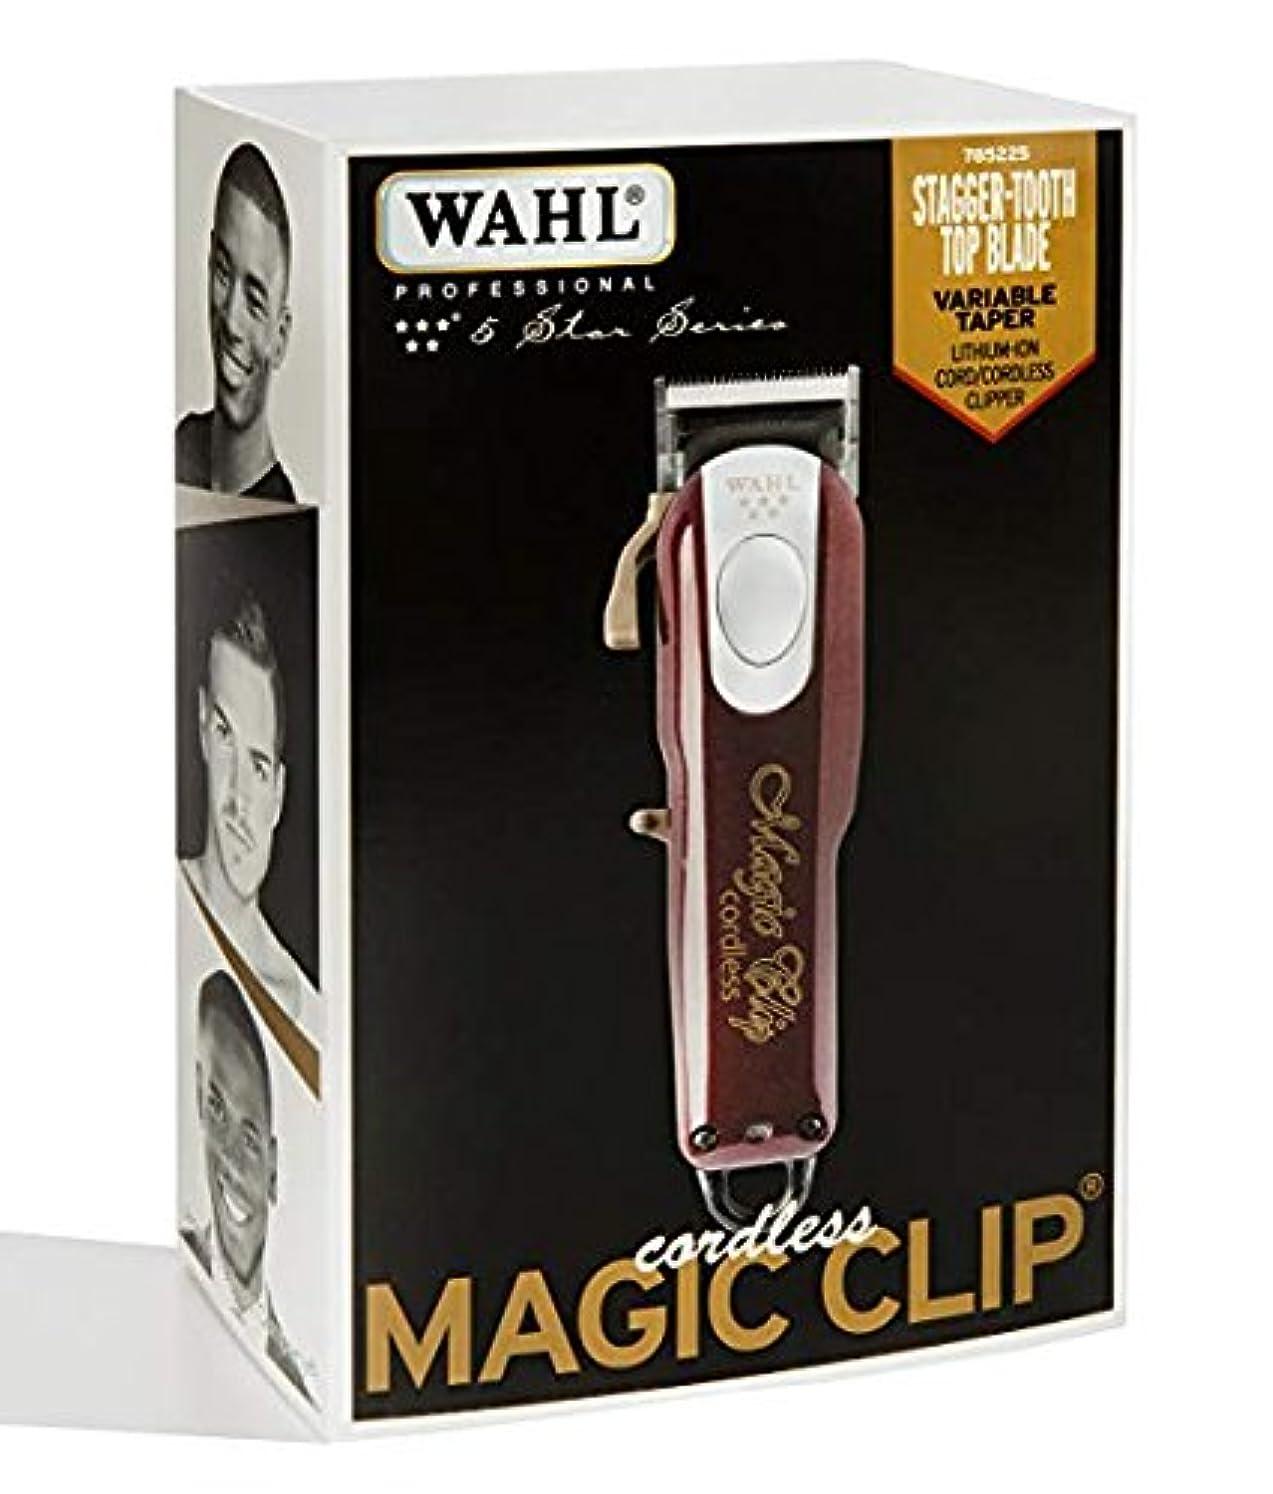 植生塊仕方[Wahl] [すばらしいです 専用 理髪店とスタイリスト - 90分以上の実行時間 / Professional 5-Star Cord/Cordless Magic Clip #8148] (並行輸入品)